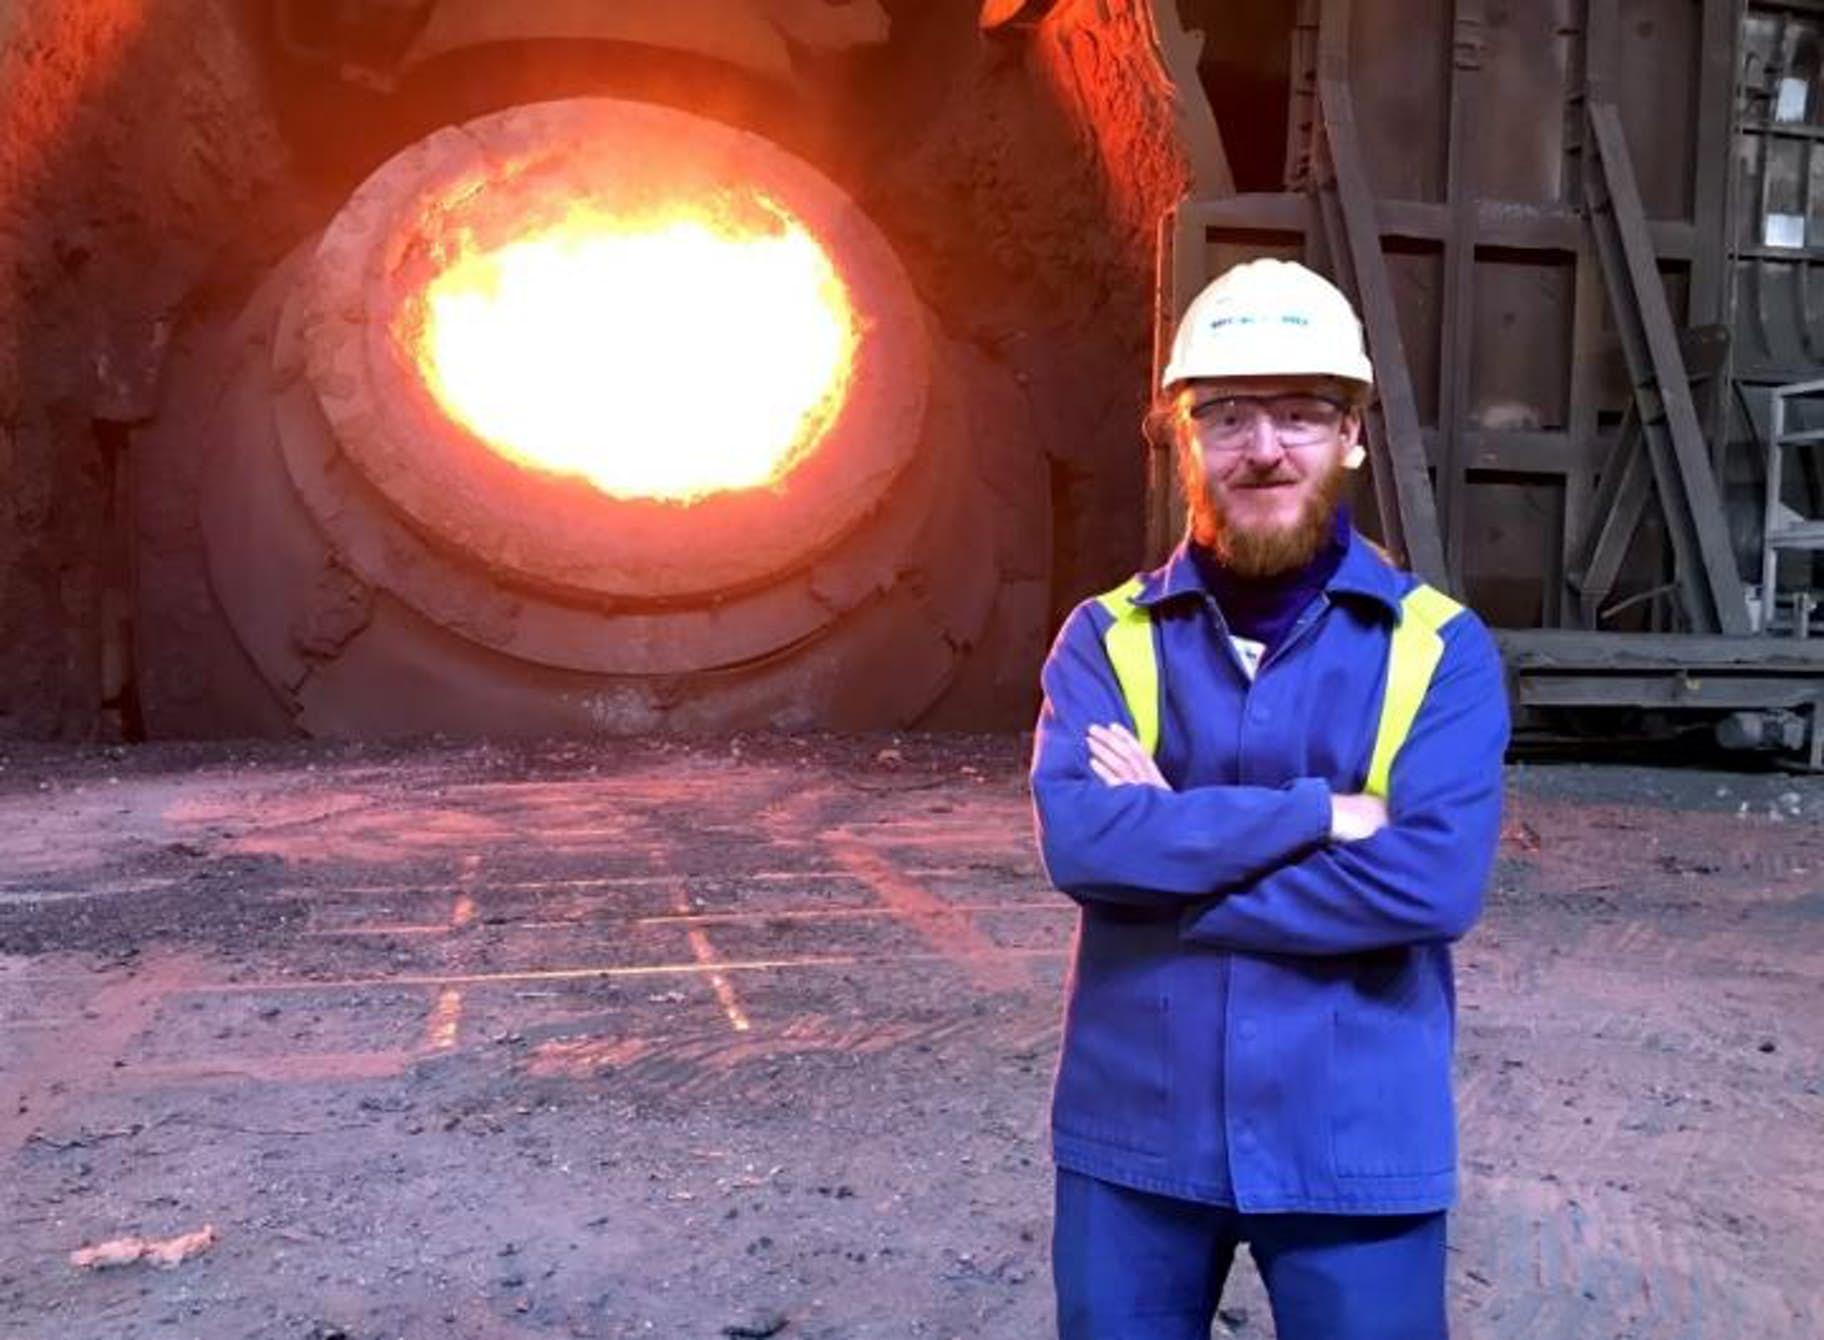 Szymon Kubal vocelárně Tata Steel Port Talbot. Kredit: Tata Steel